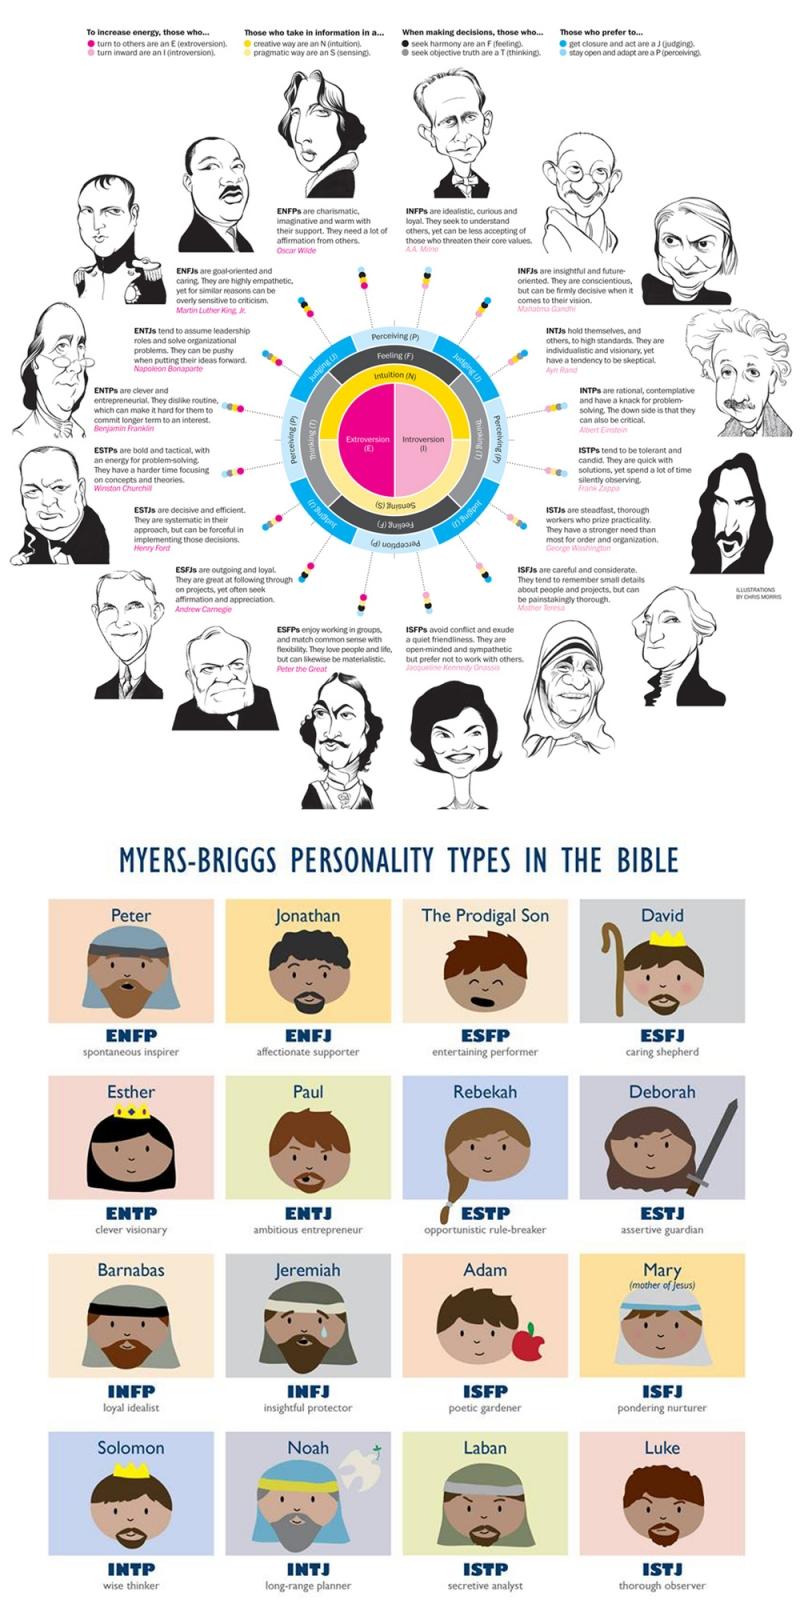 16 kiểu hình nhân cách theo MBTI